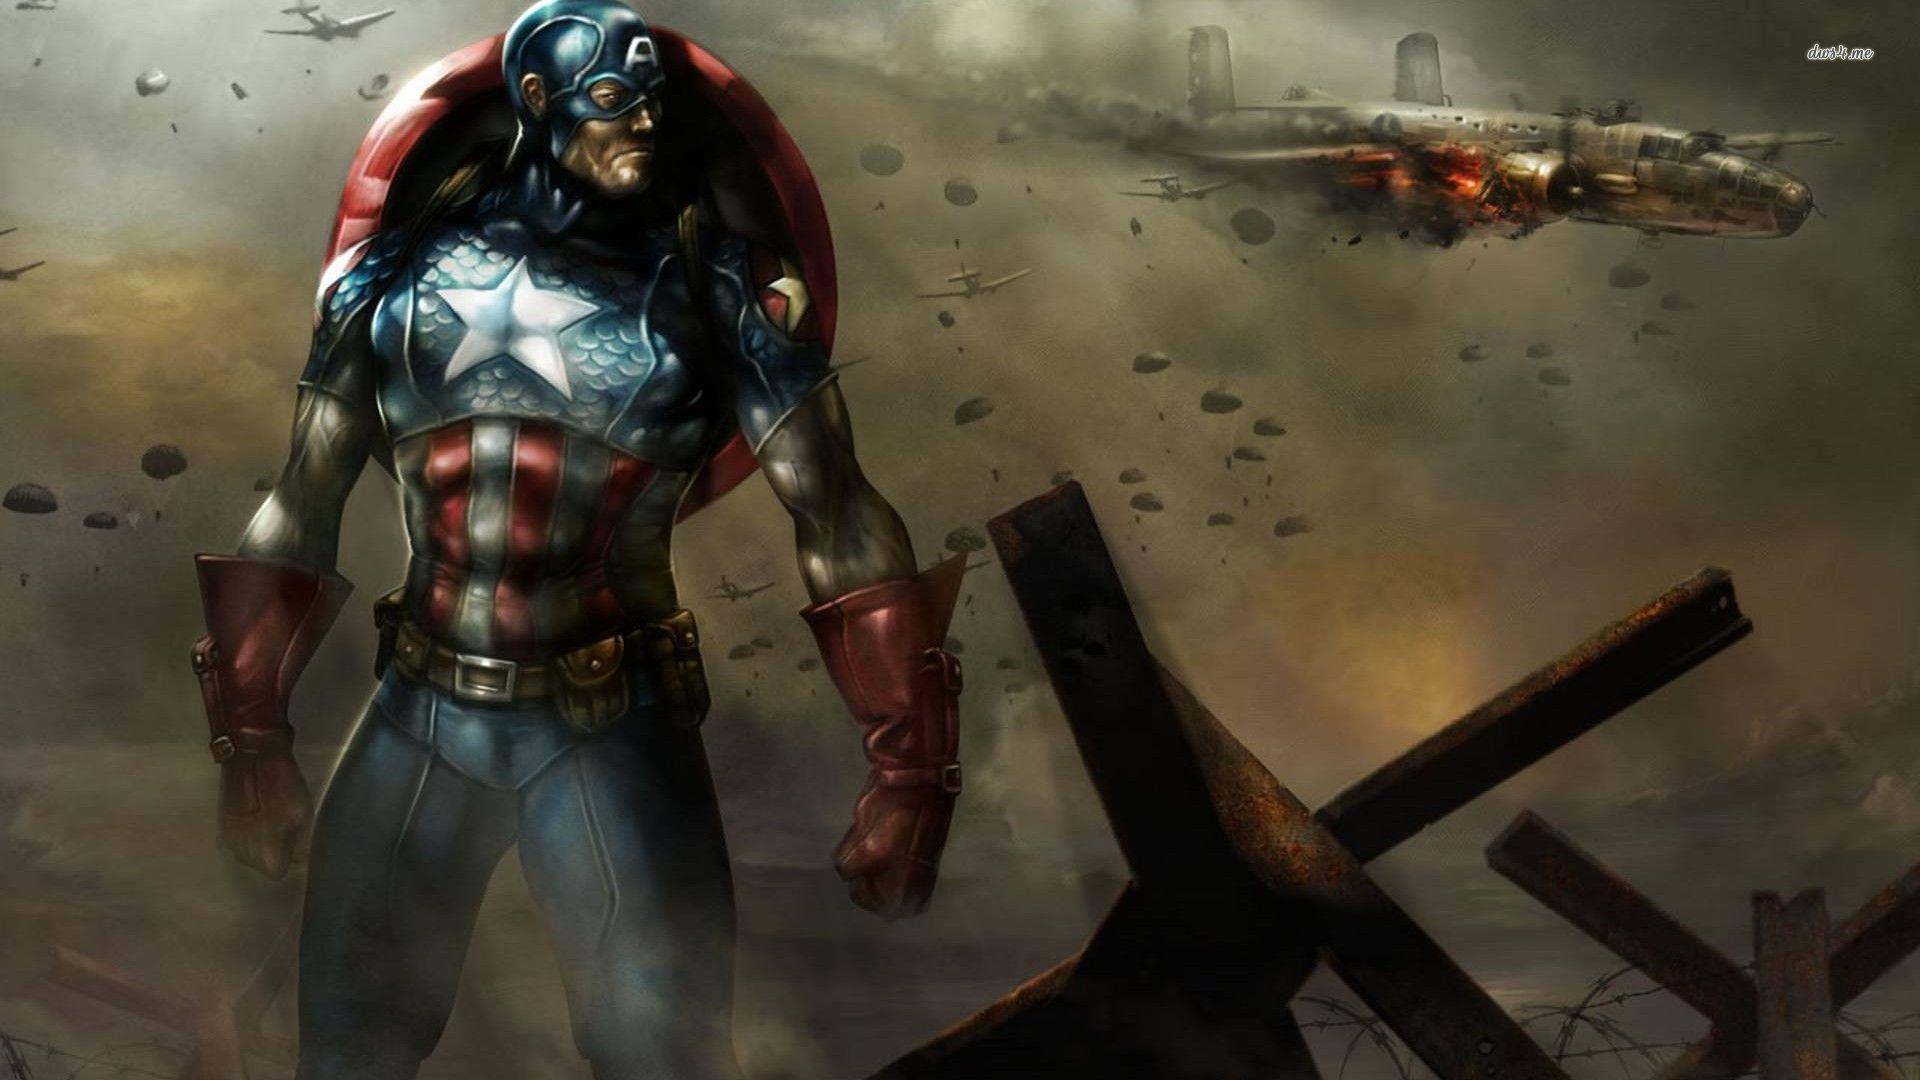 captain america wallpaper for desktop1 24 1920x1080